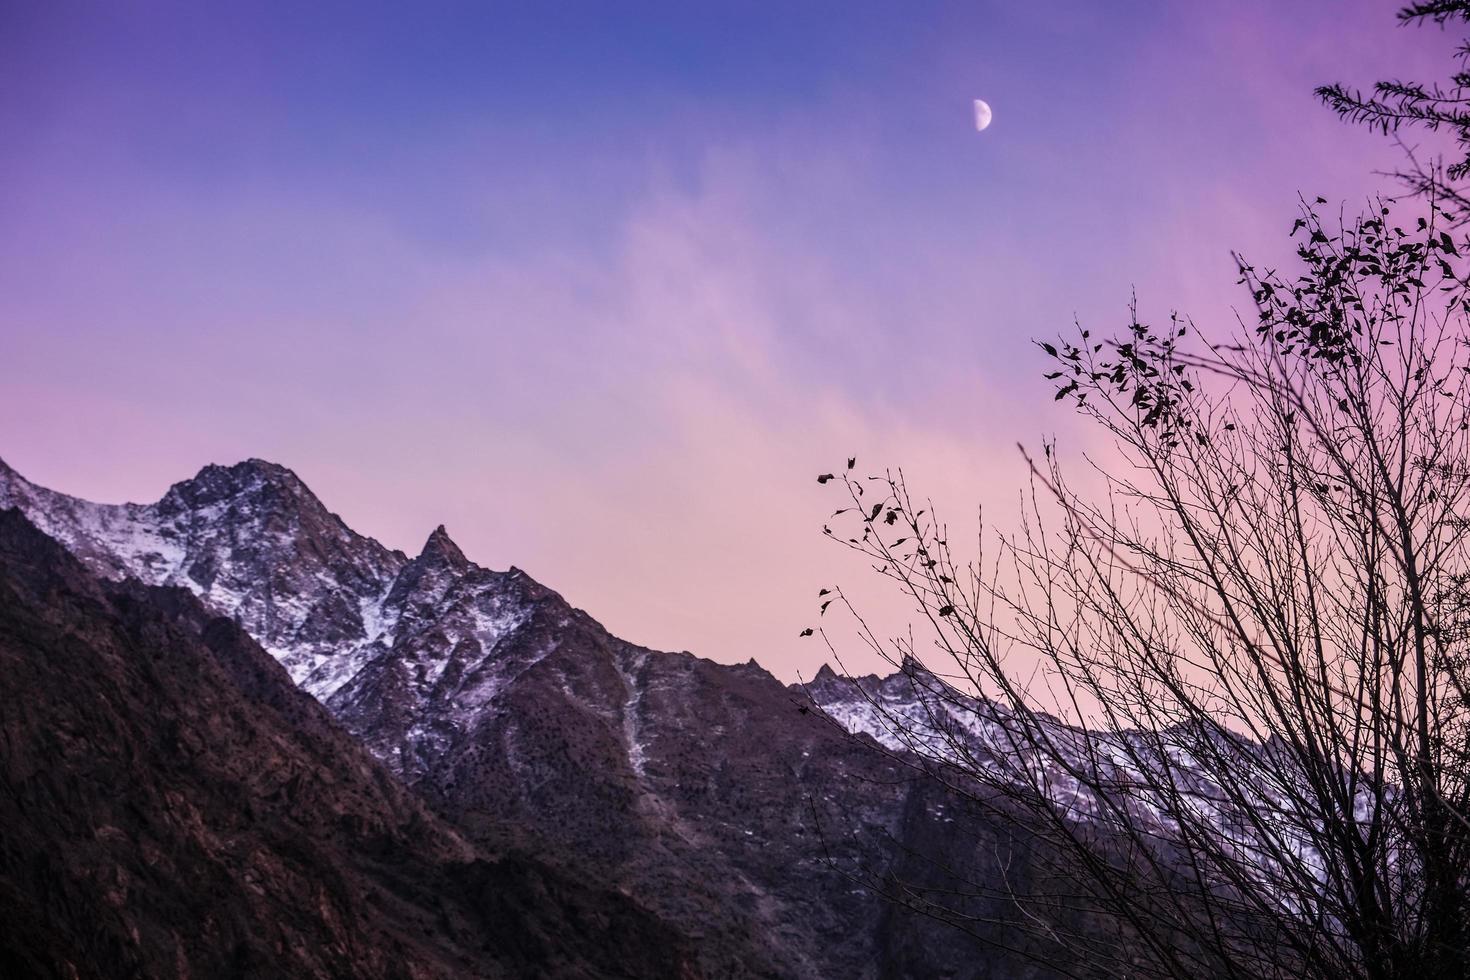 cielo al crepuscolo con la luna che sorge sulle montagne innevate foto